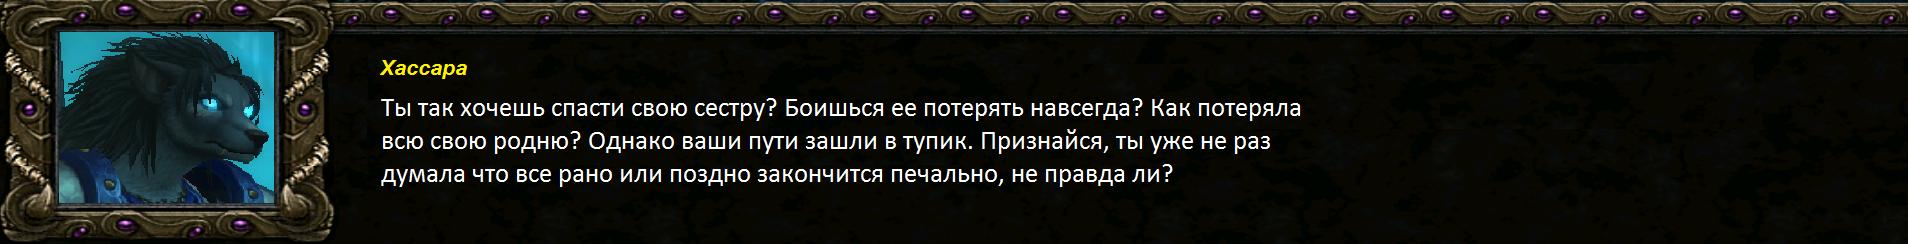 Дк шаблон реборн 15.5А